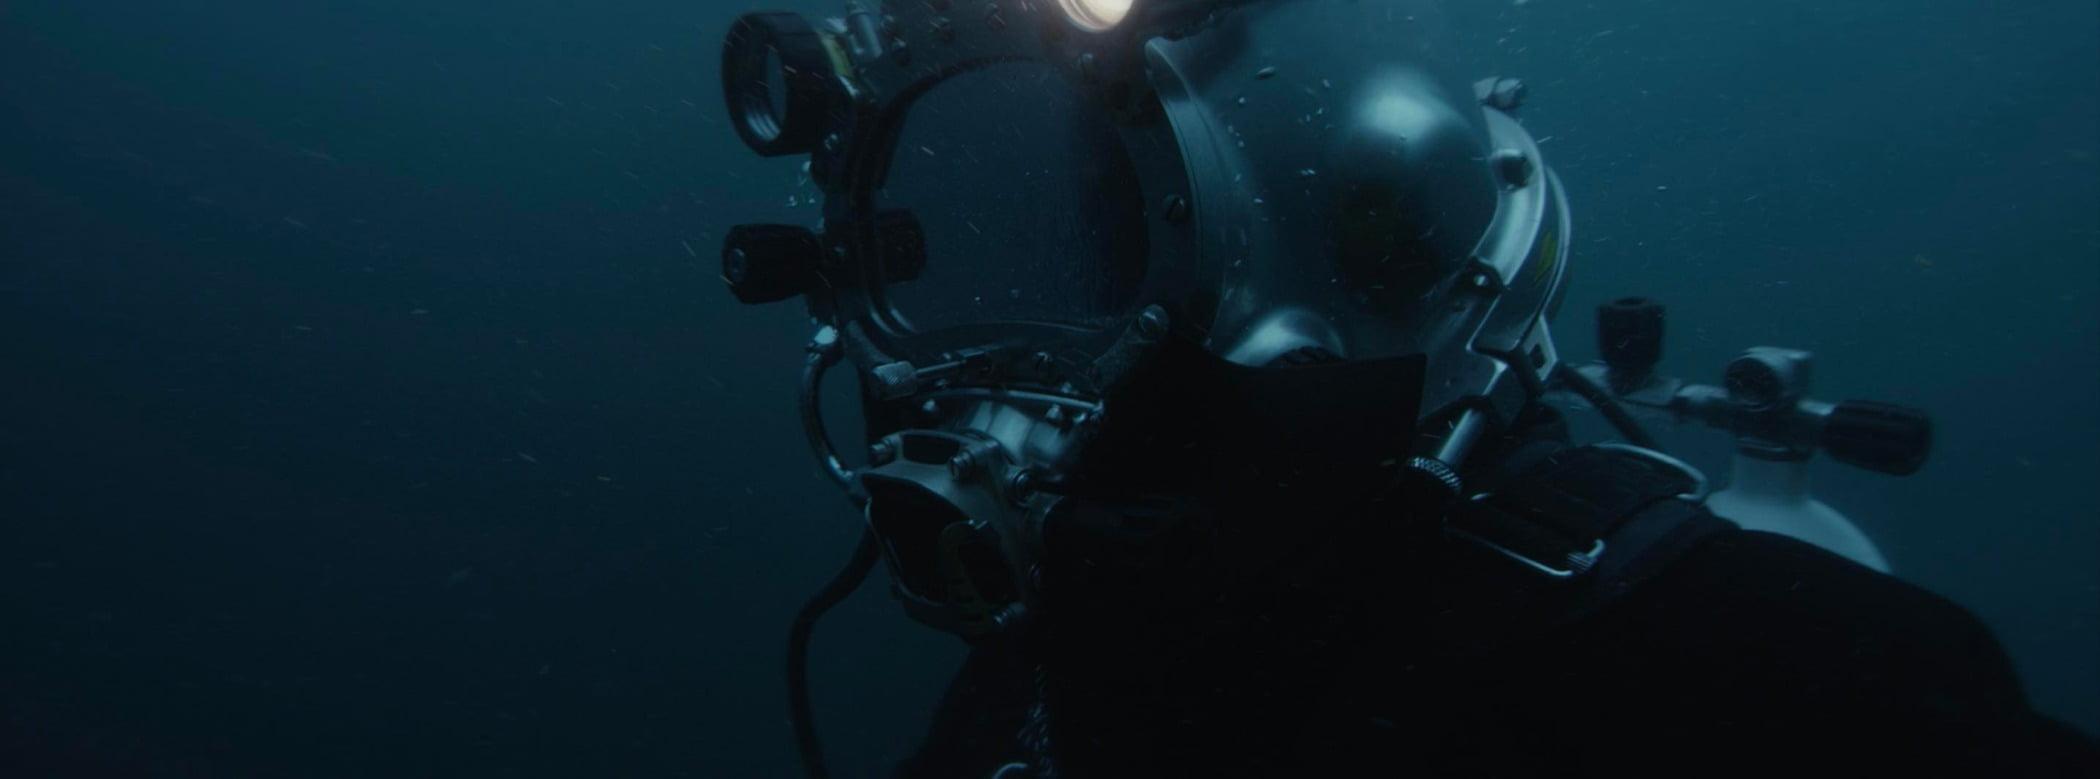 Underwater diving, Outdoor recreation, Dry suit, Water, Divemaster, Fluid, Organism